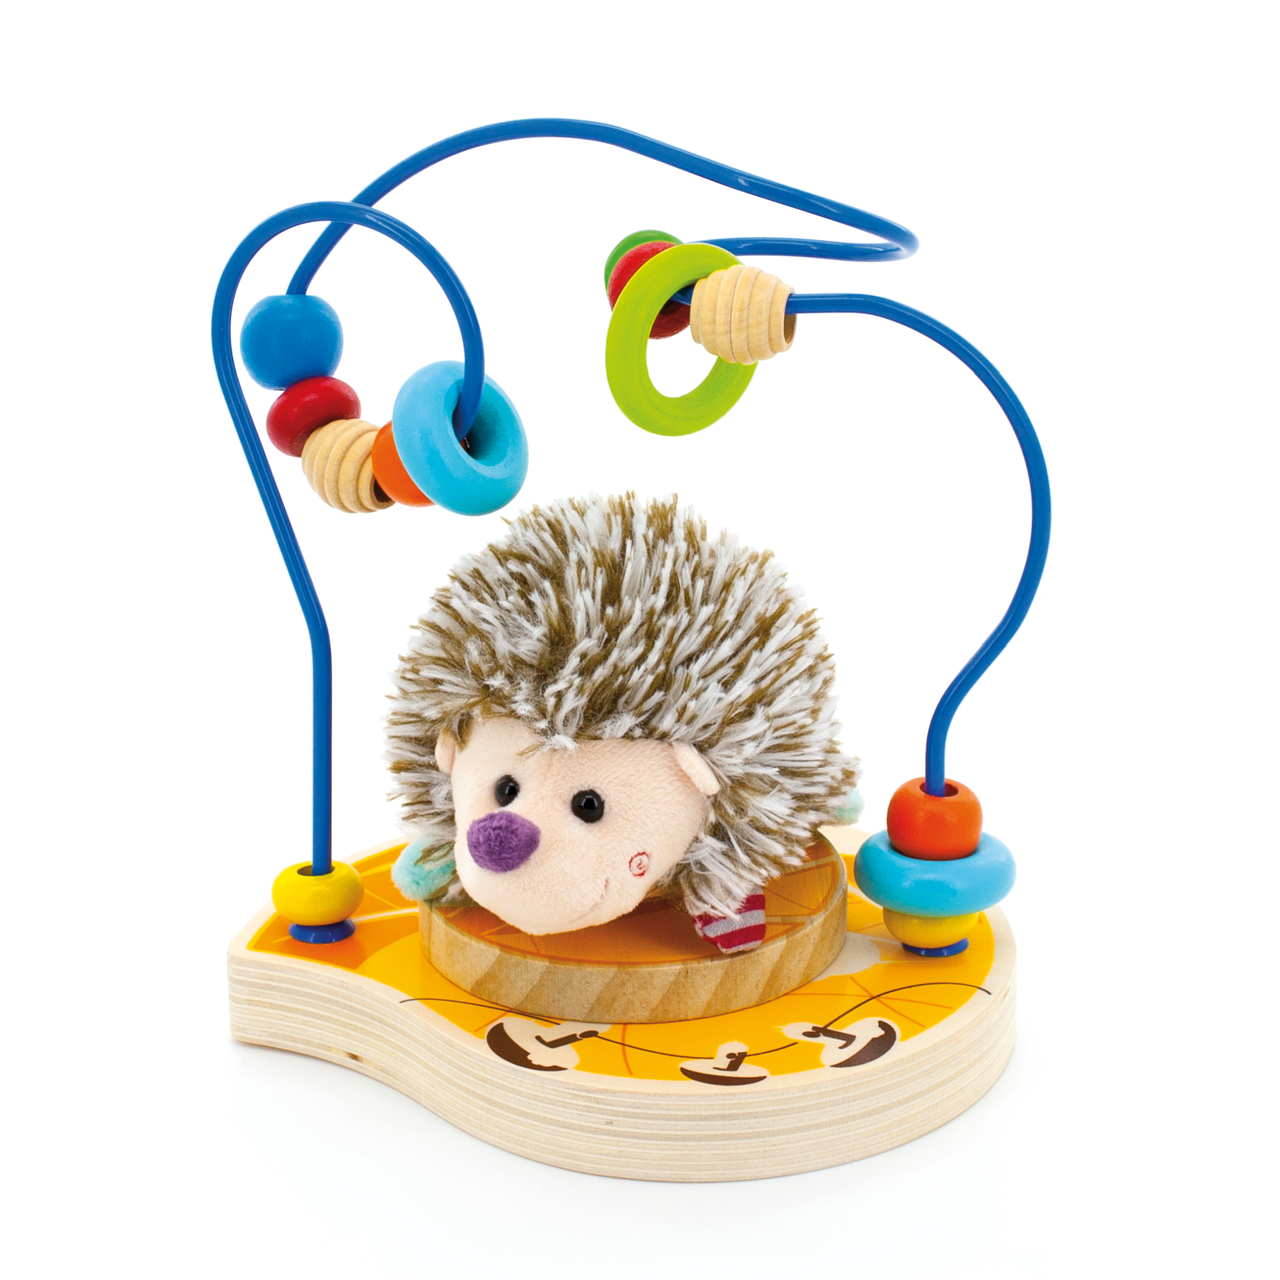 Деревянная игрушка МДИ Лабиринт Ежик Д385